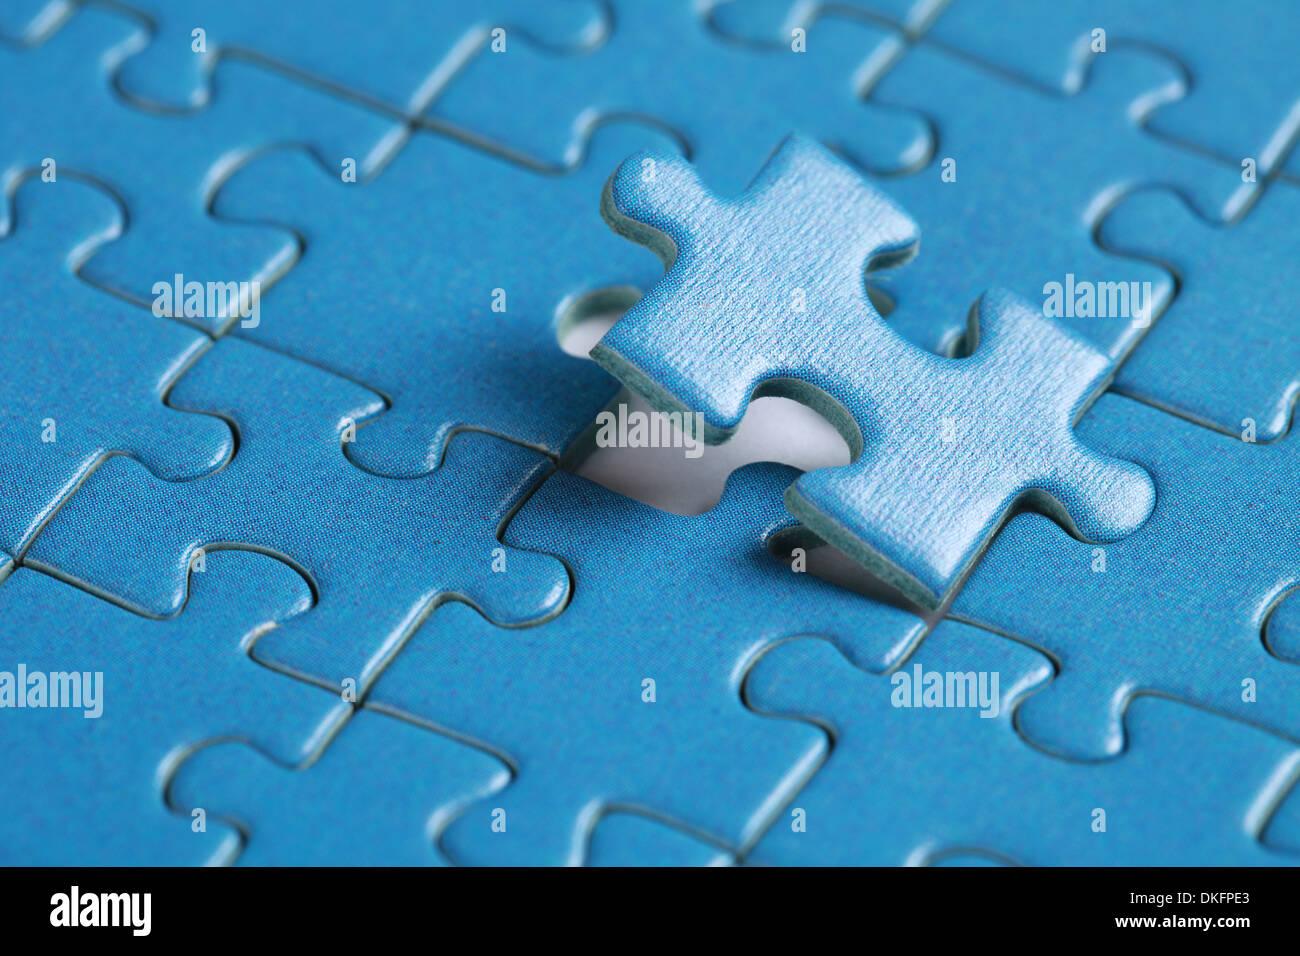 Pezzo finale di jigsaw soluzione problema argomento Immagini Stock